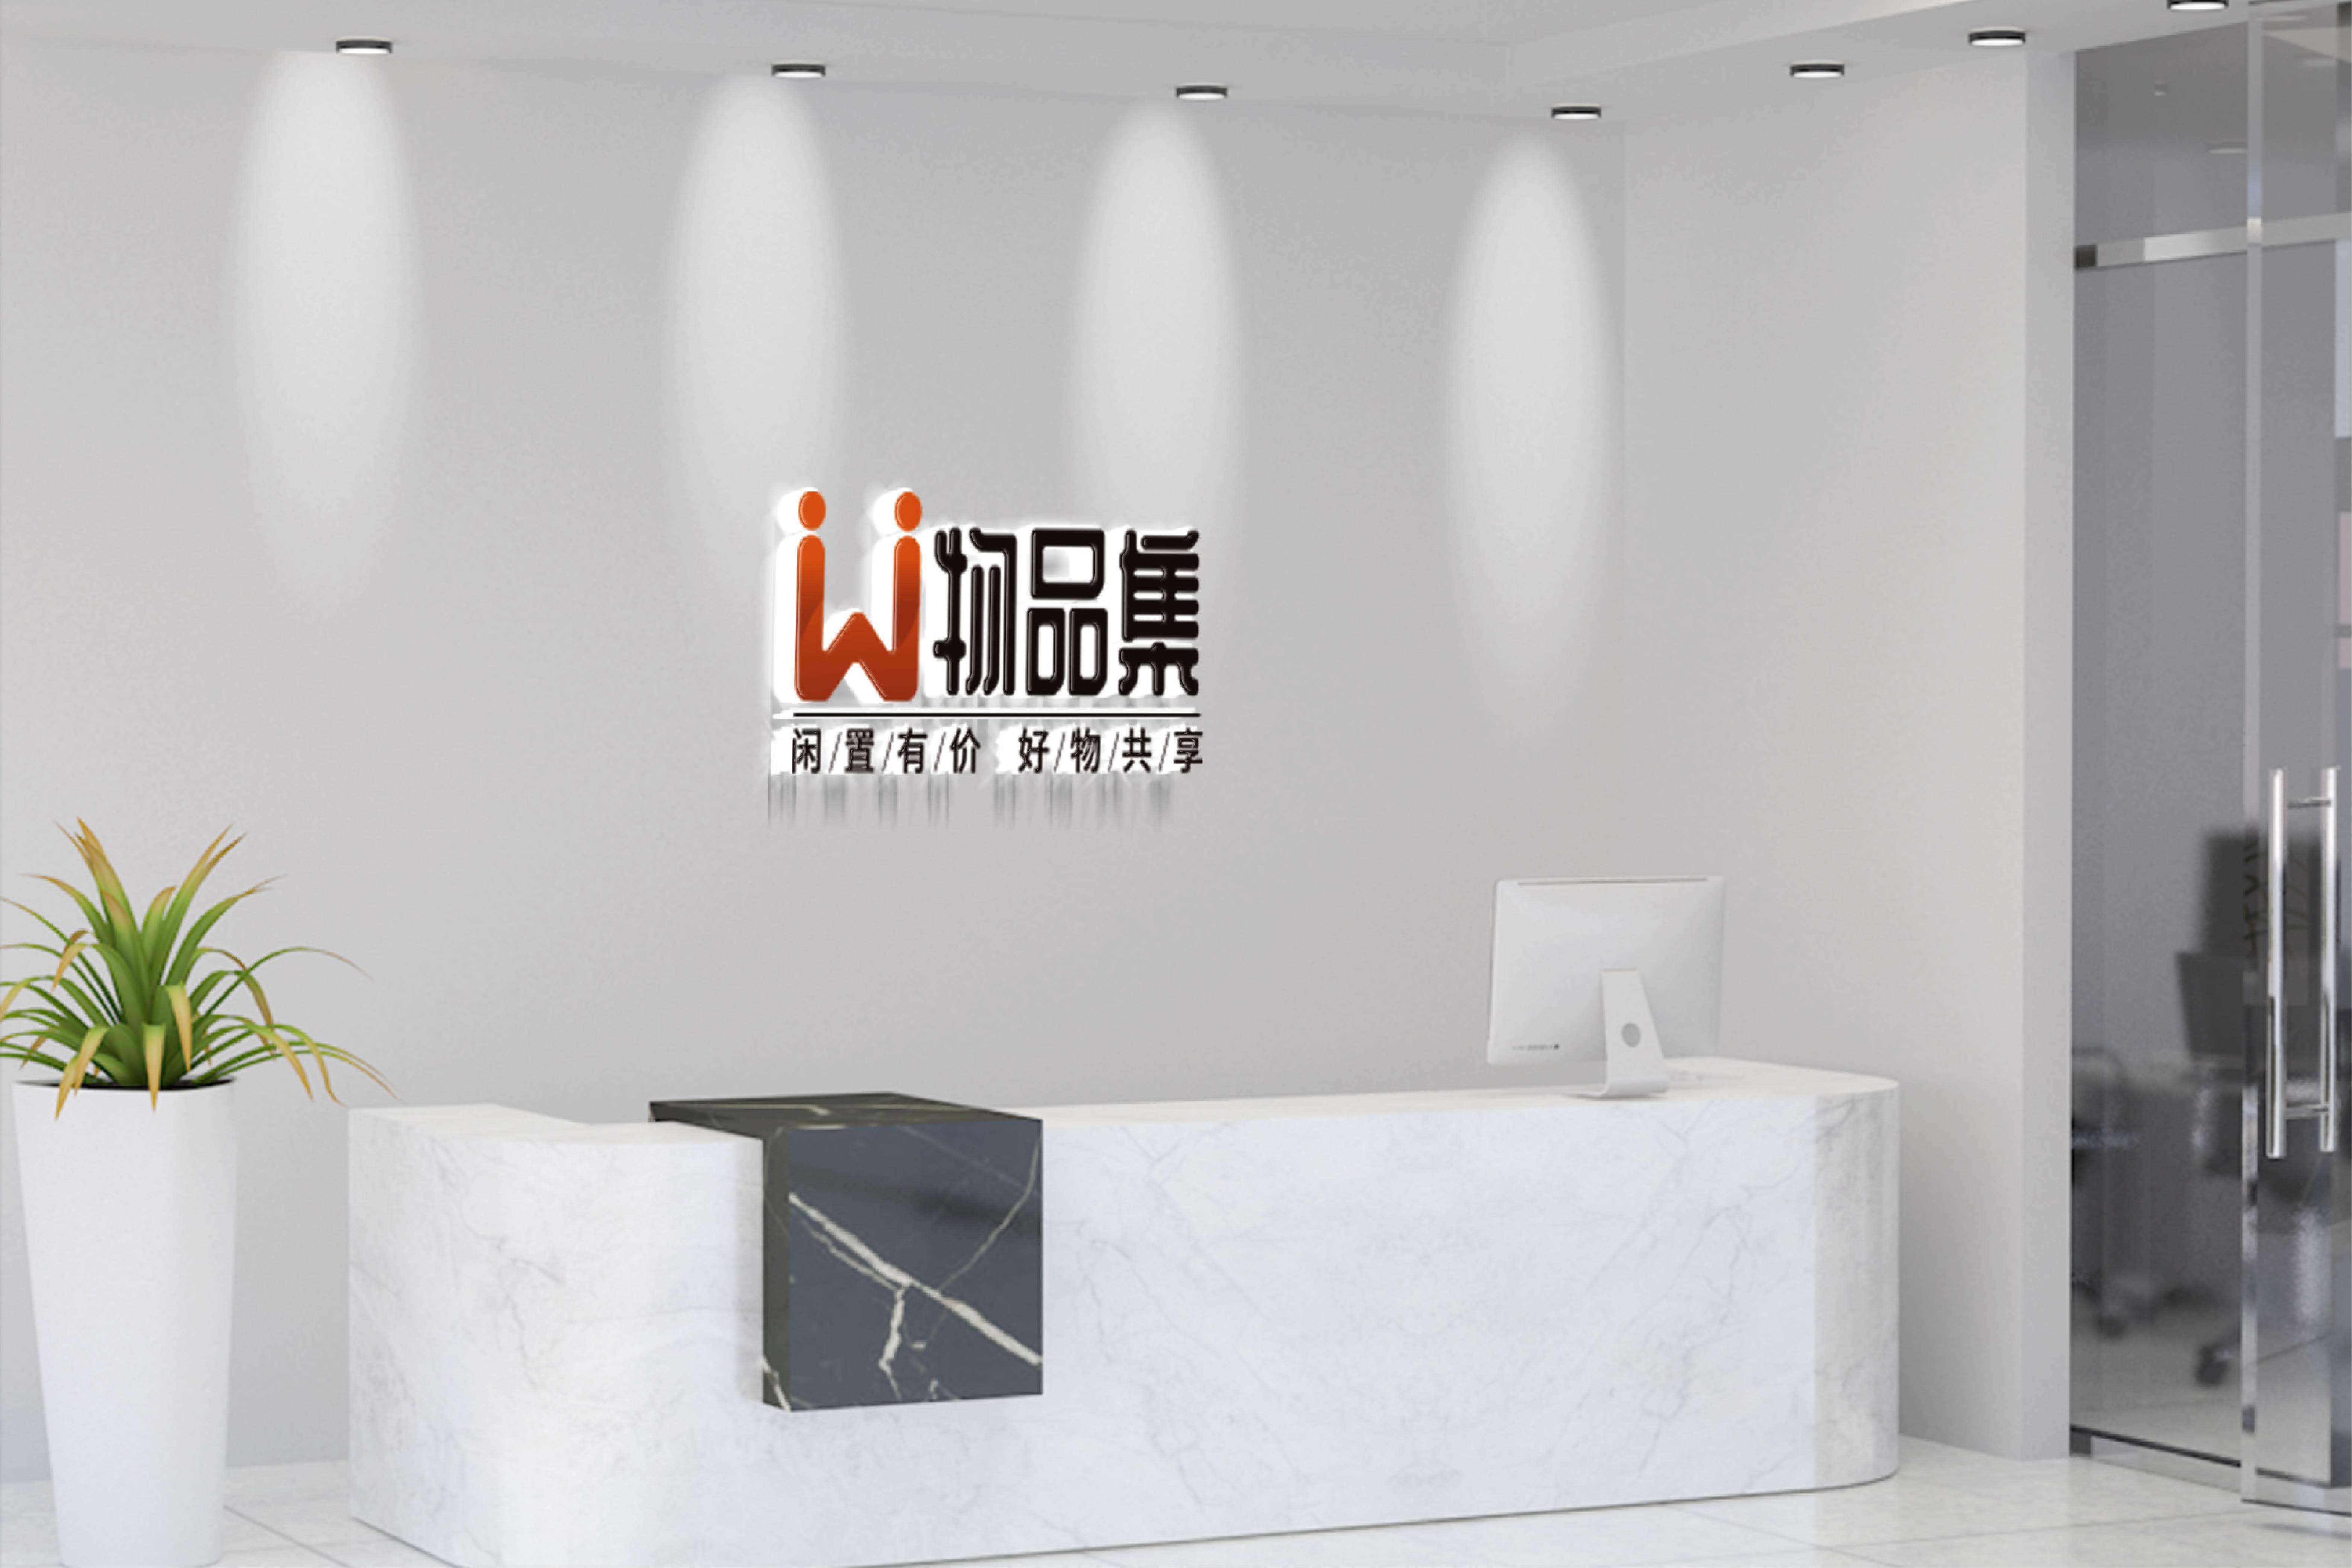 西安寻寓信息科技有限公司2